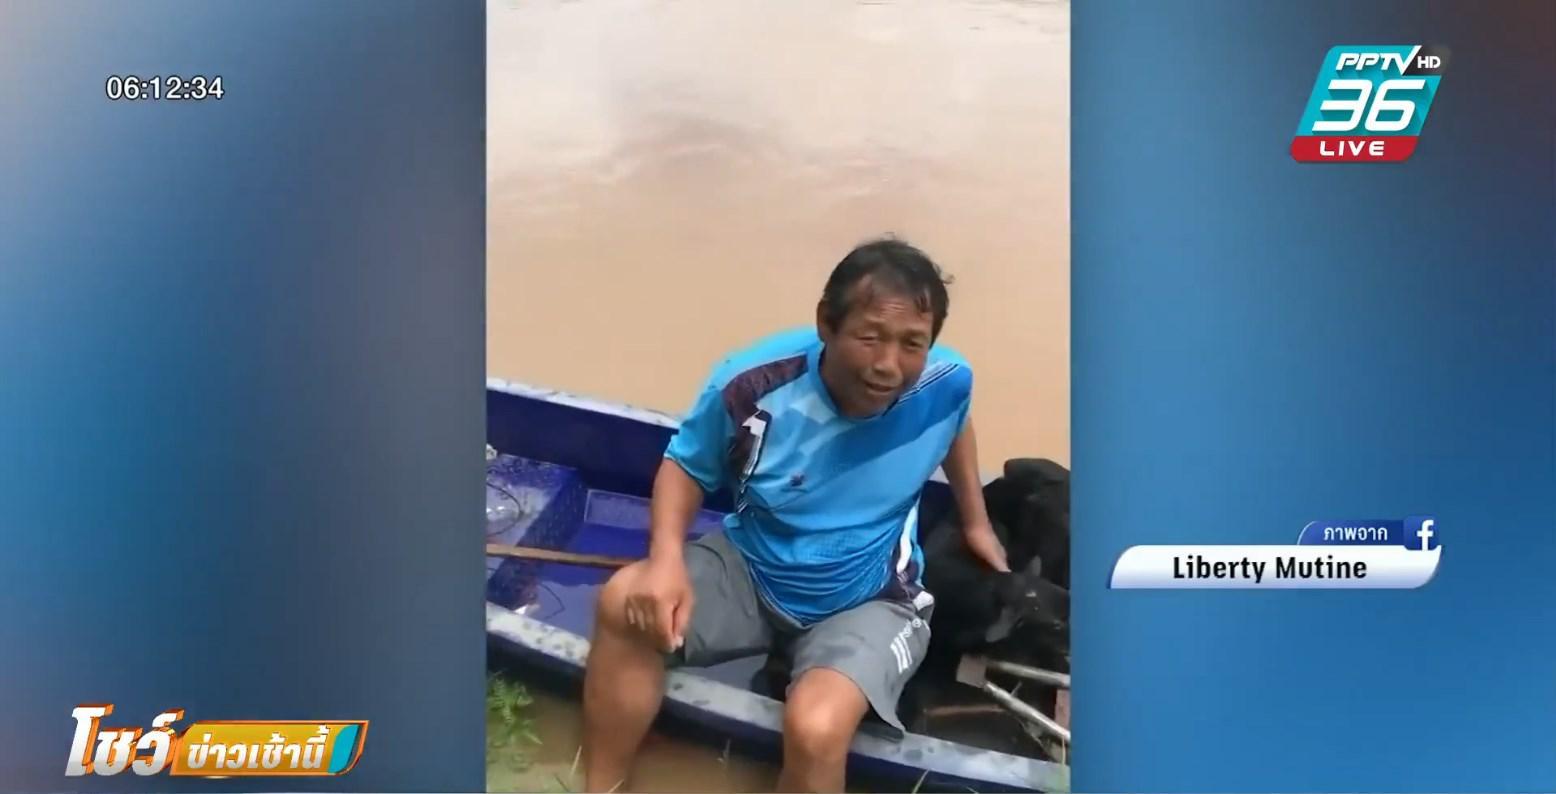 Dogilike.com :: เผยโฉม ตาปุ๋ย คุณลุงใจดีฮีโร่ช่วยน้องหมาพลัดหลงจากเหตุน้ำท่วม